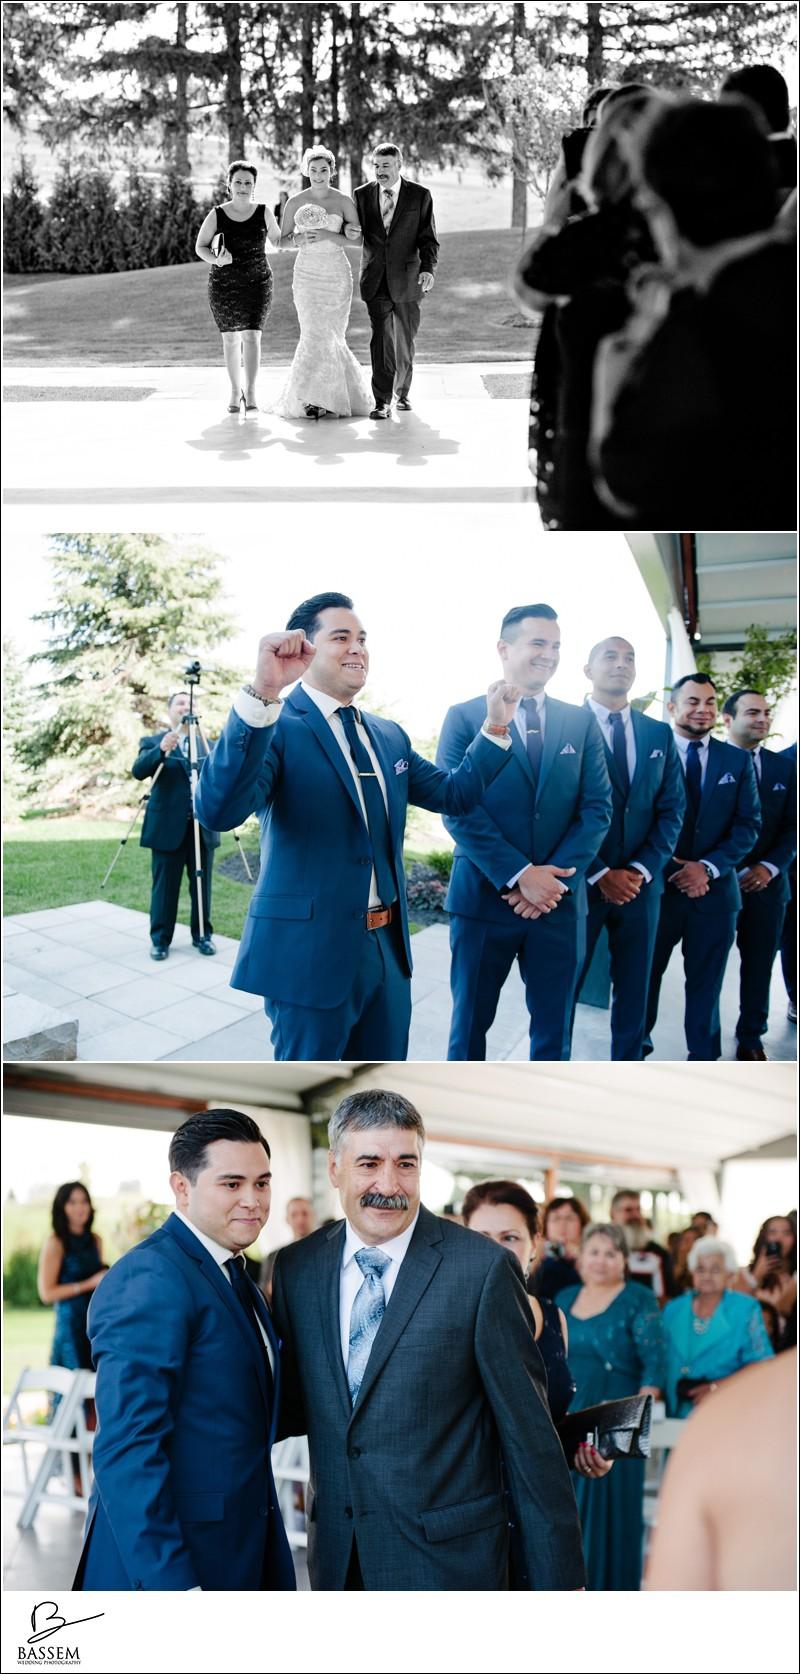 whistle-bear-golf-club-wedding-bassem-105